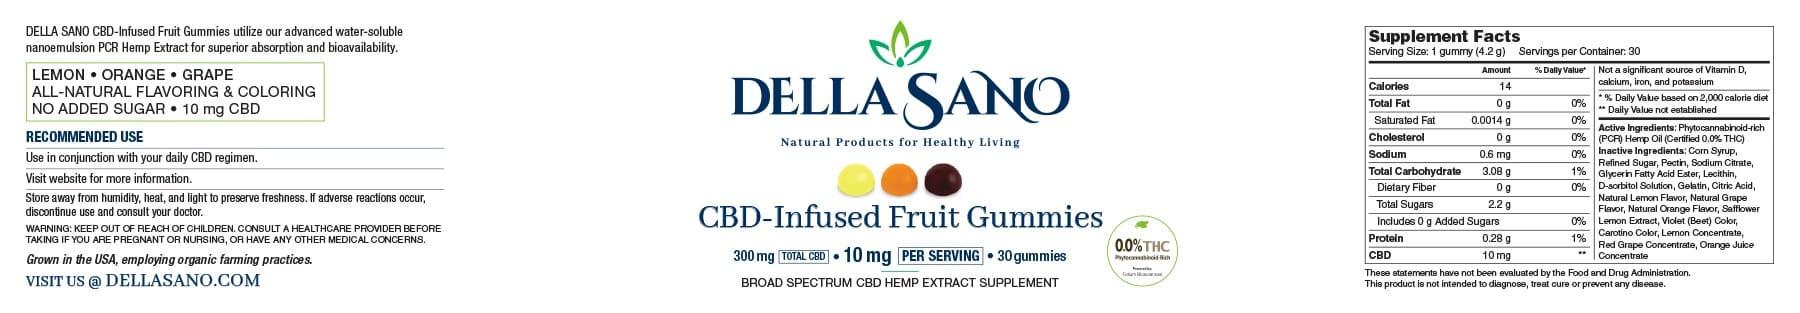 CBD-Infused Fruit Gummies